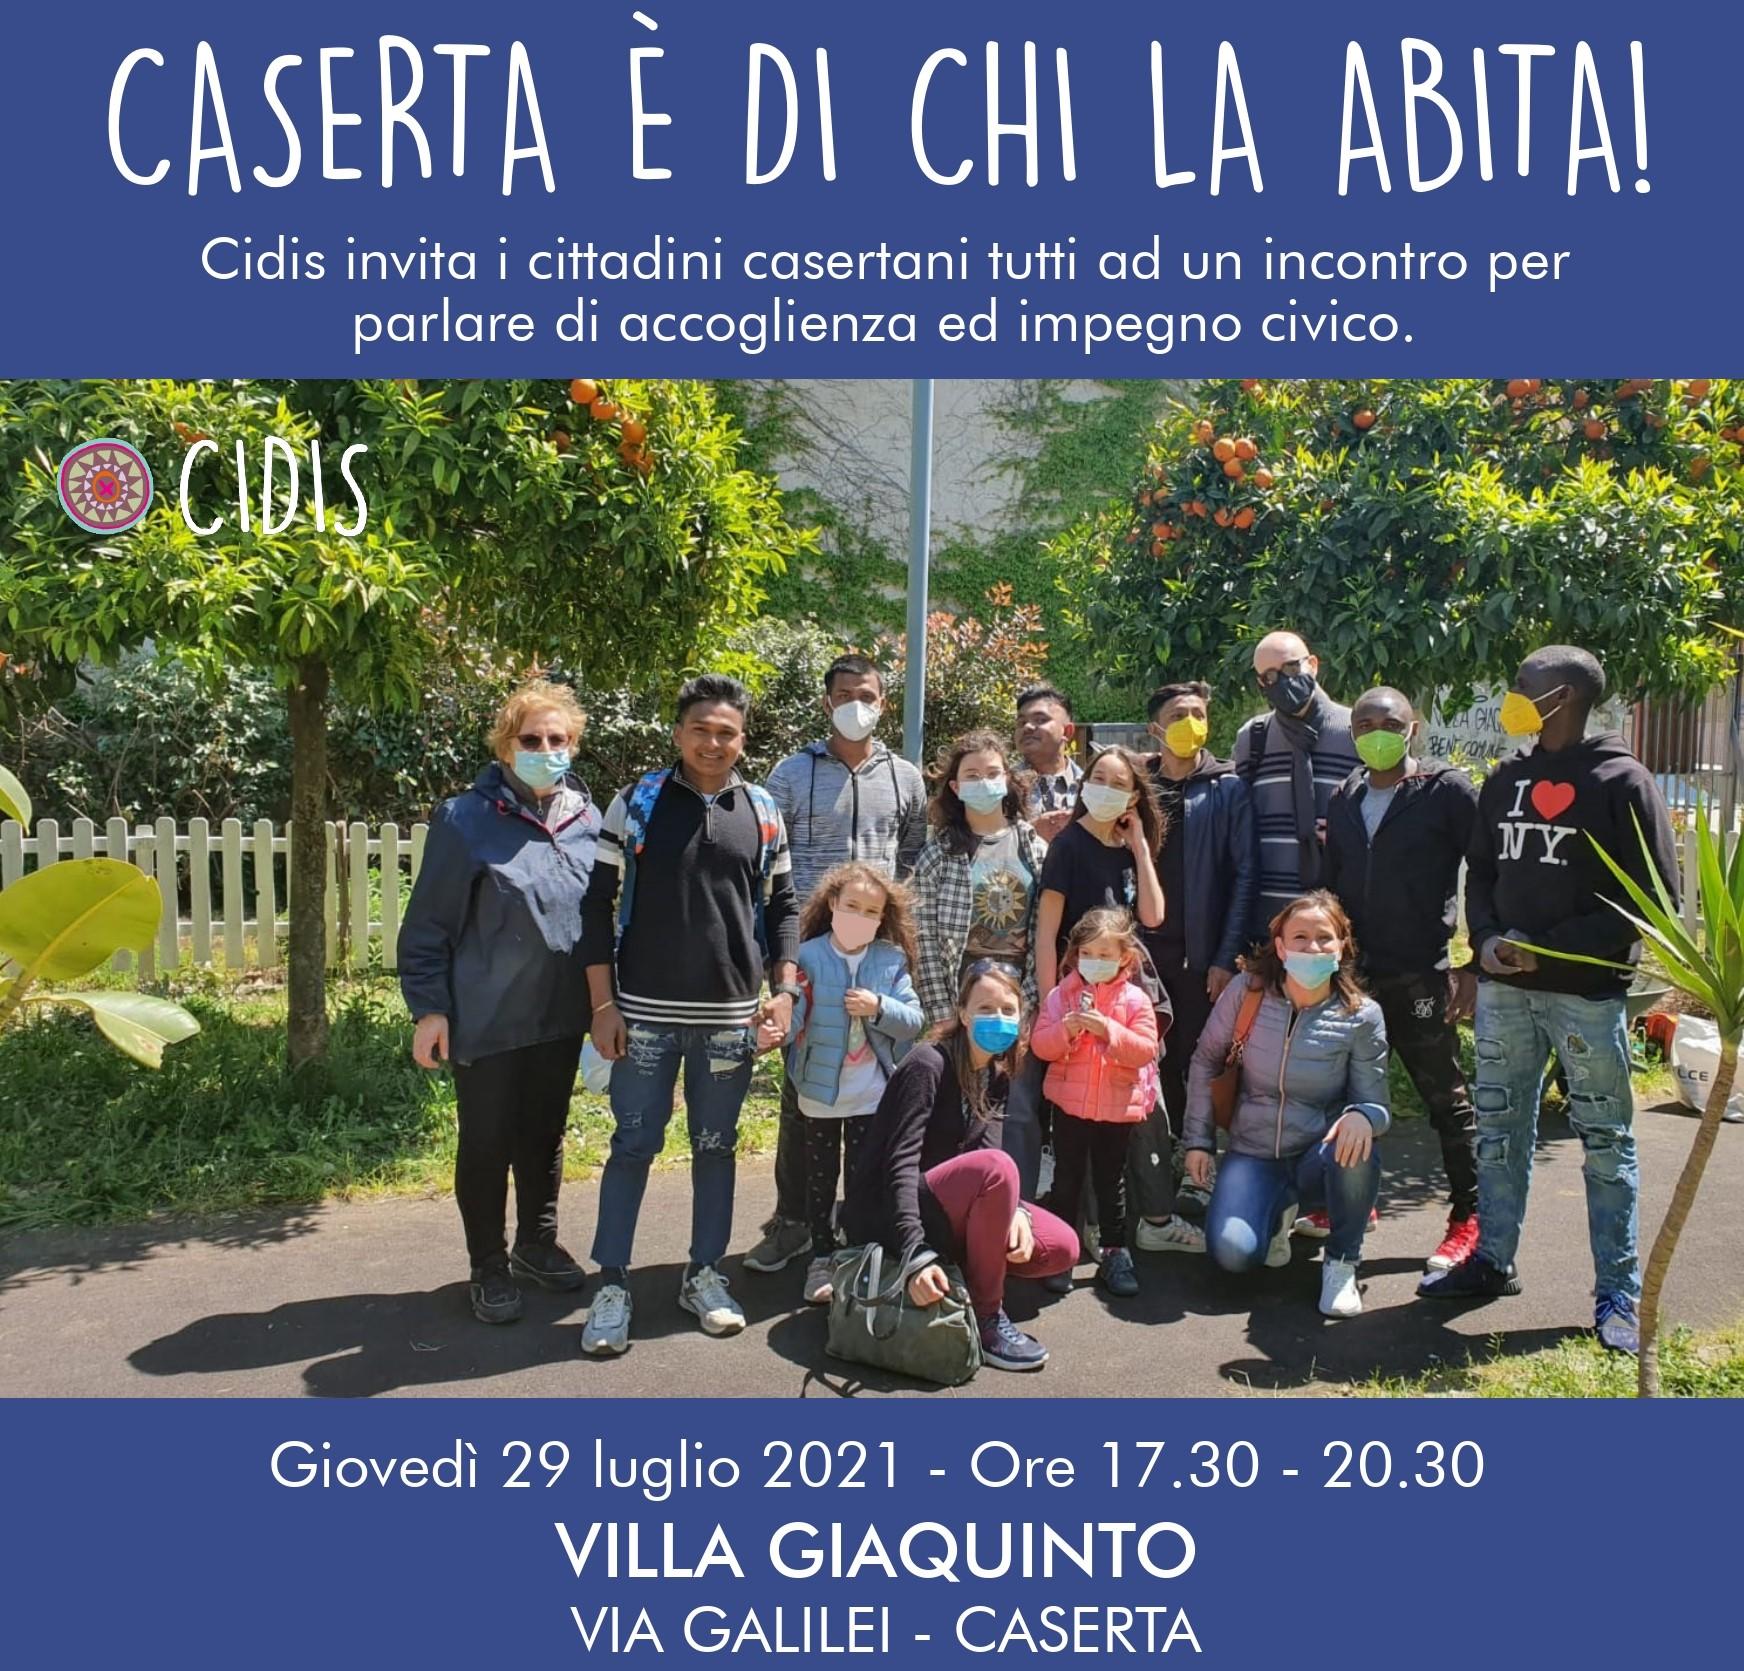 Caserta è di chi la abita: il 29 a Villa Giaquinto per discutere di accoglienza e di cittadinanza attiva